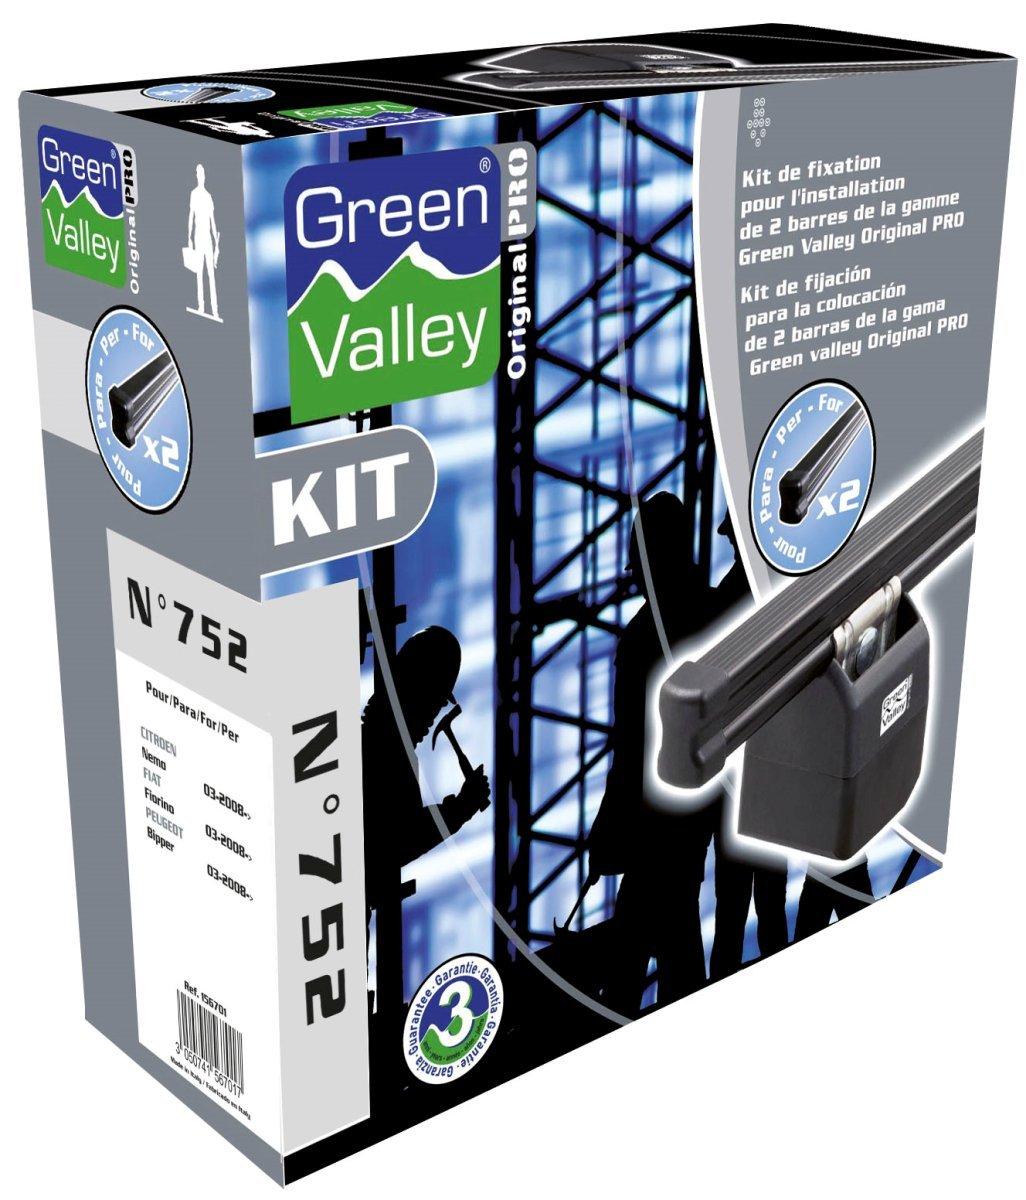 Peugeot Boxer Fiat Ducato Green Valley Kit 2 /Roof Bars for Citroen Jumper